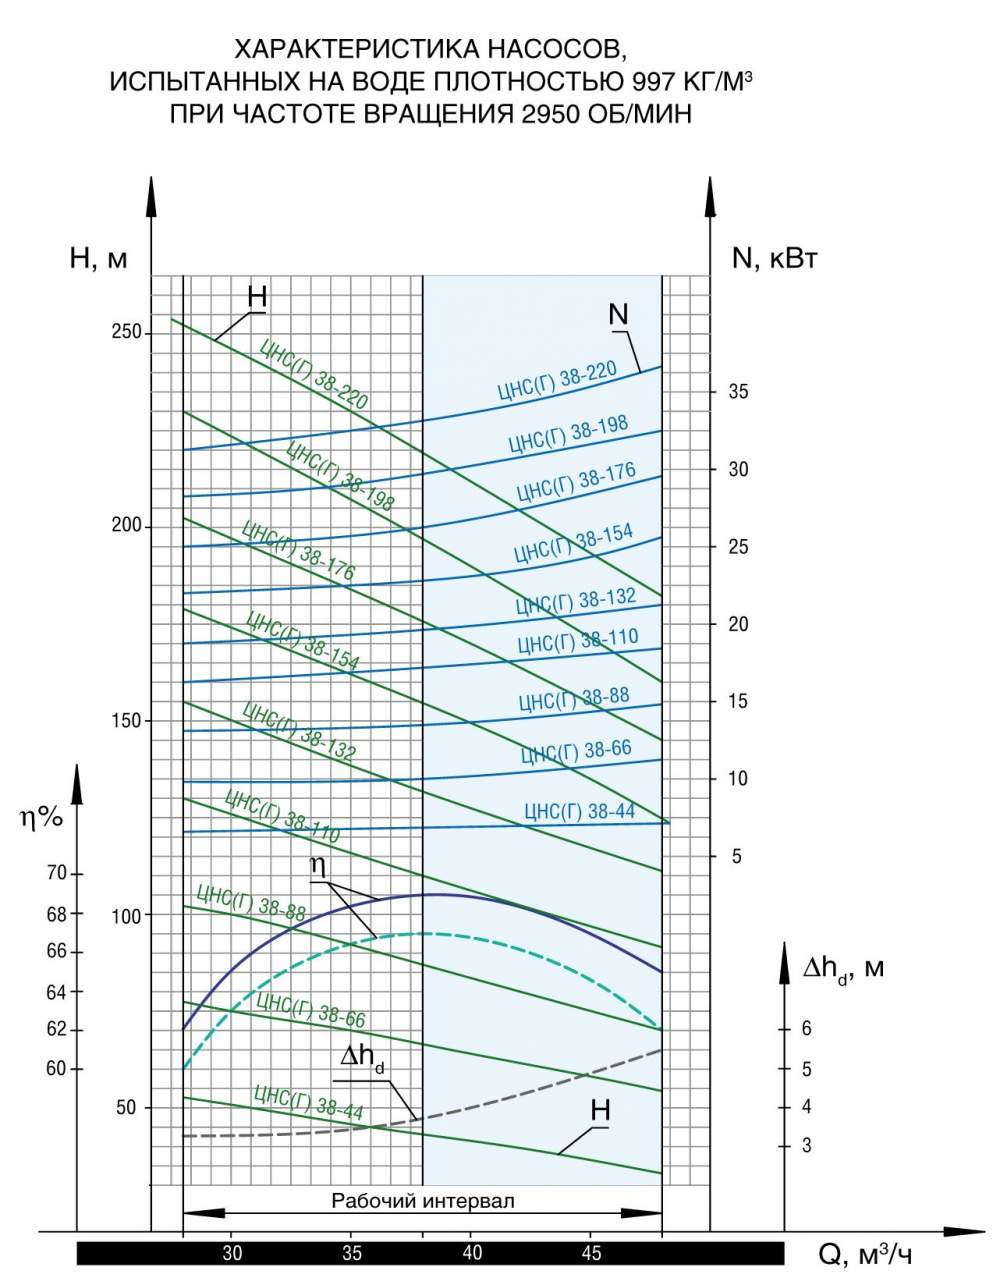 Напорная характеристика насоса ЦНС(Г) 38-220